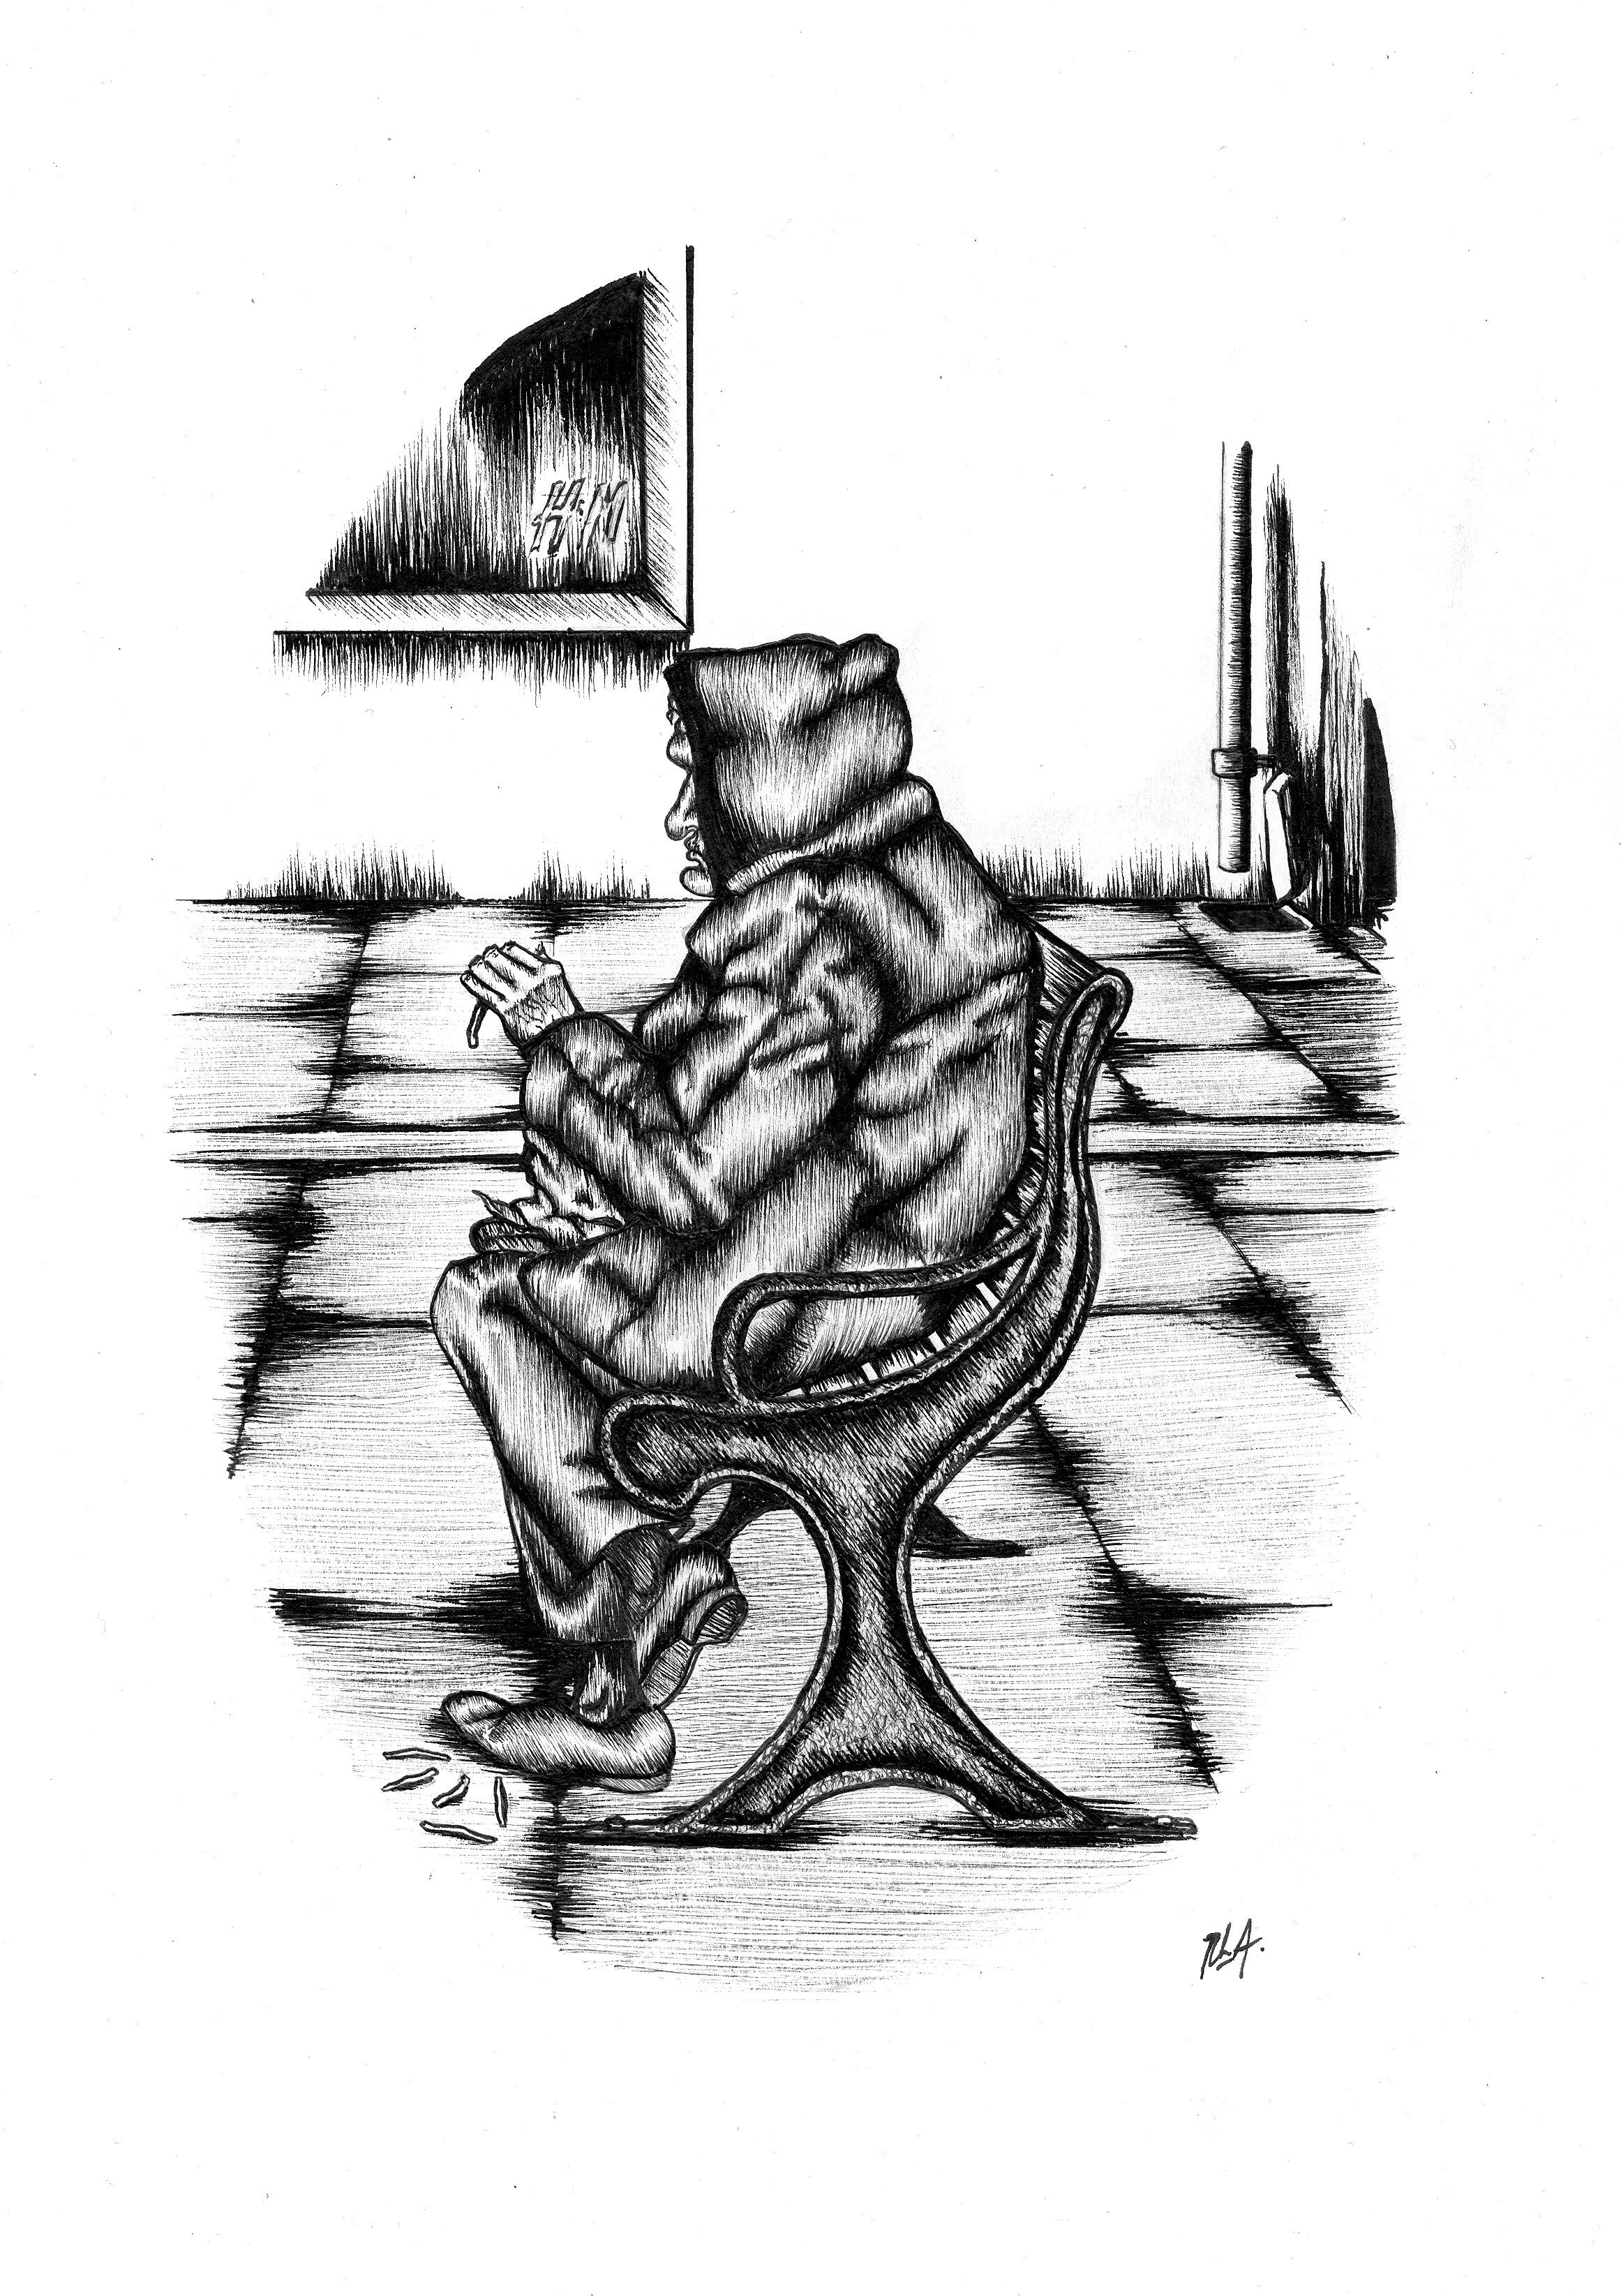 Hên ddynes yn bwyta KFC, Stryd Fawr Bangor / Old lady eating KFC on Bangor High Street  (2014)  Ink